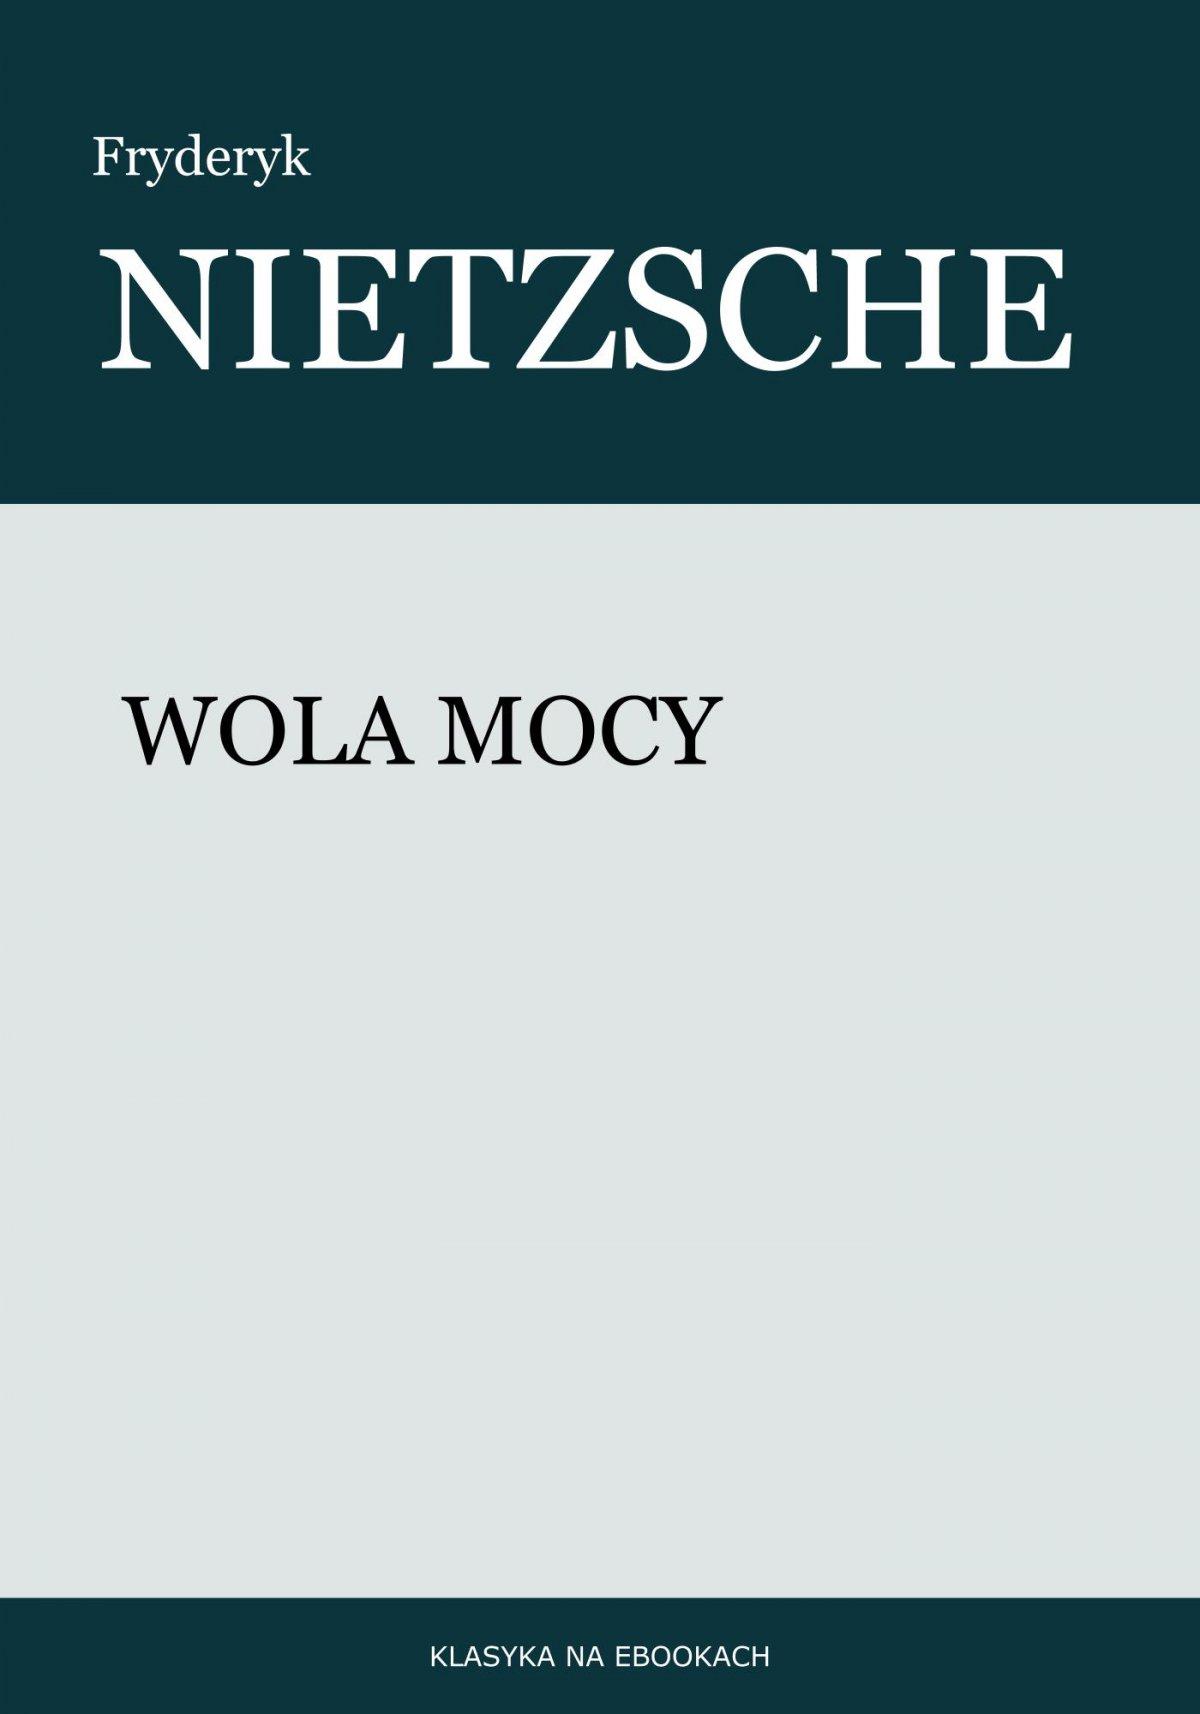 Wola mocy - Ebook (Książka na Kindle) do pobrania w formacie MOBI